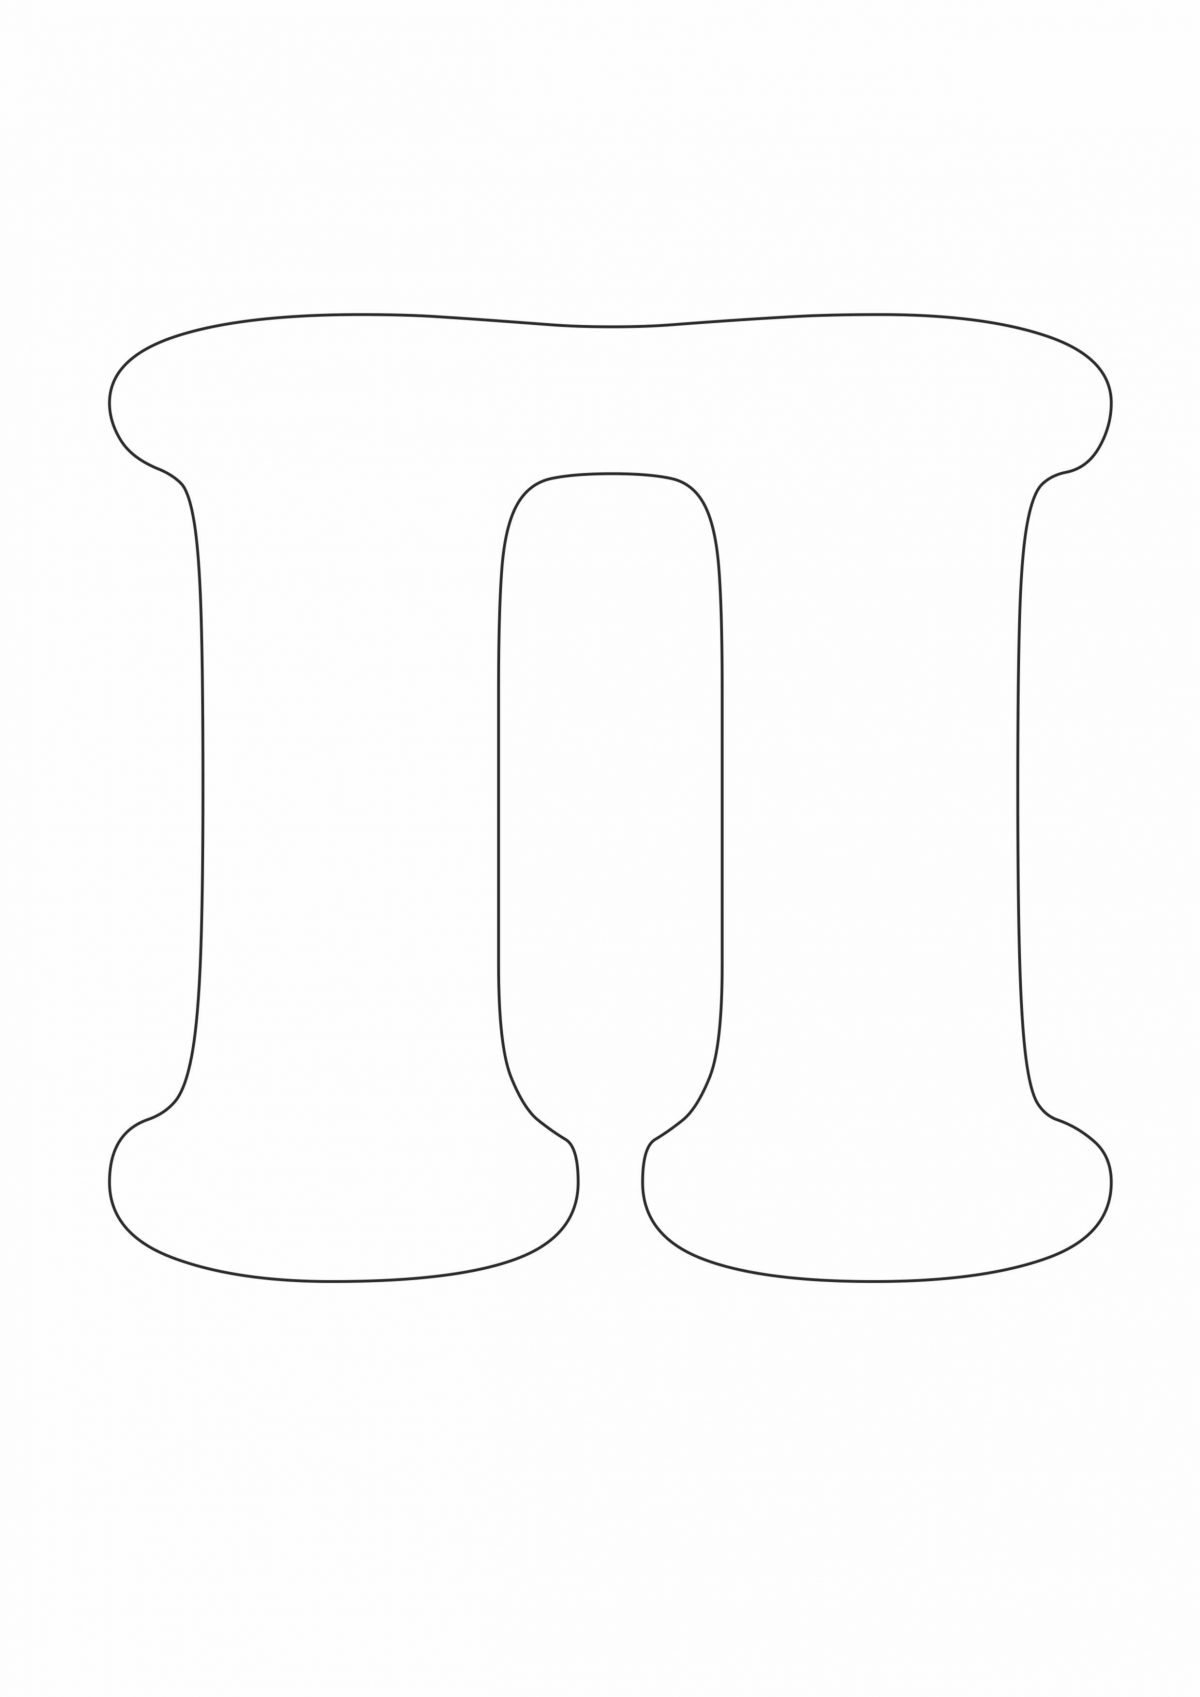 Трафарет буквы П